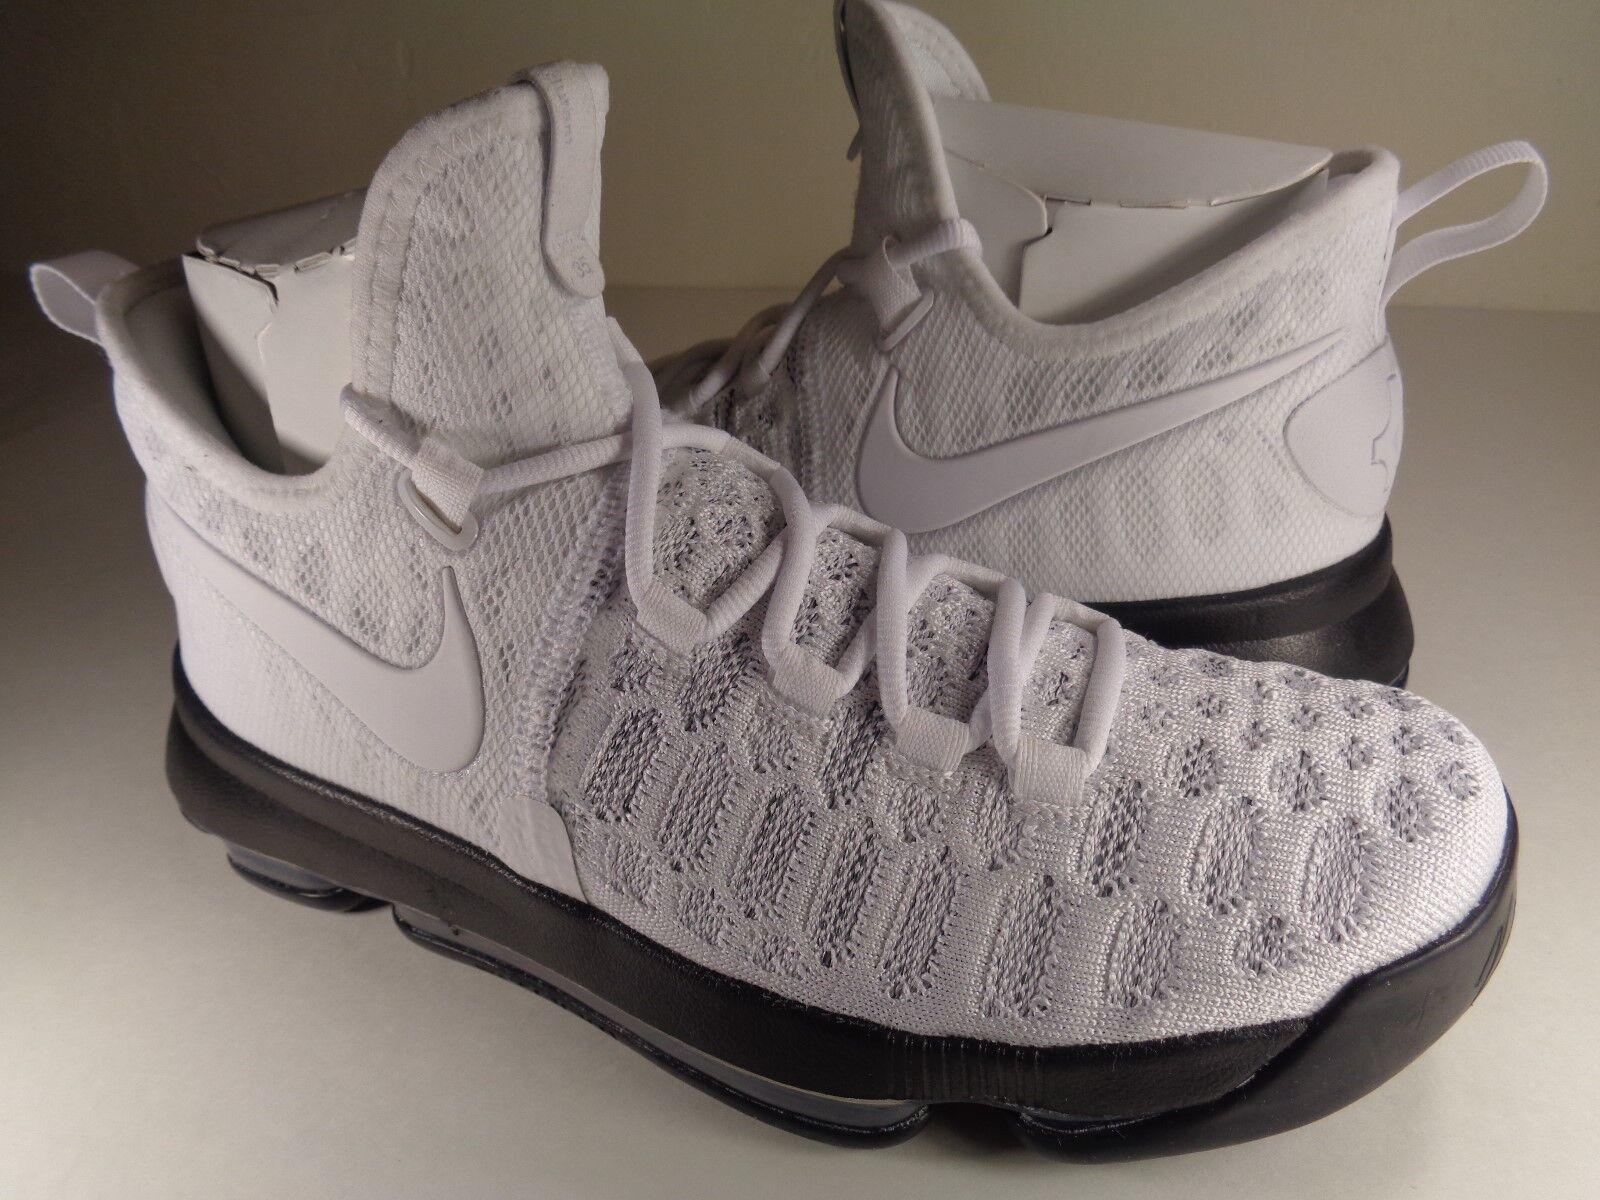 Nike iD Zoom KD 9 iD Nike White Black SZ 7 // Womens 8.5 (863695-992) 22a591